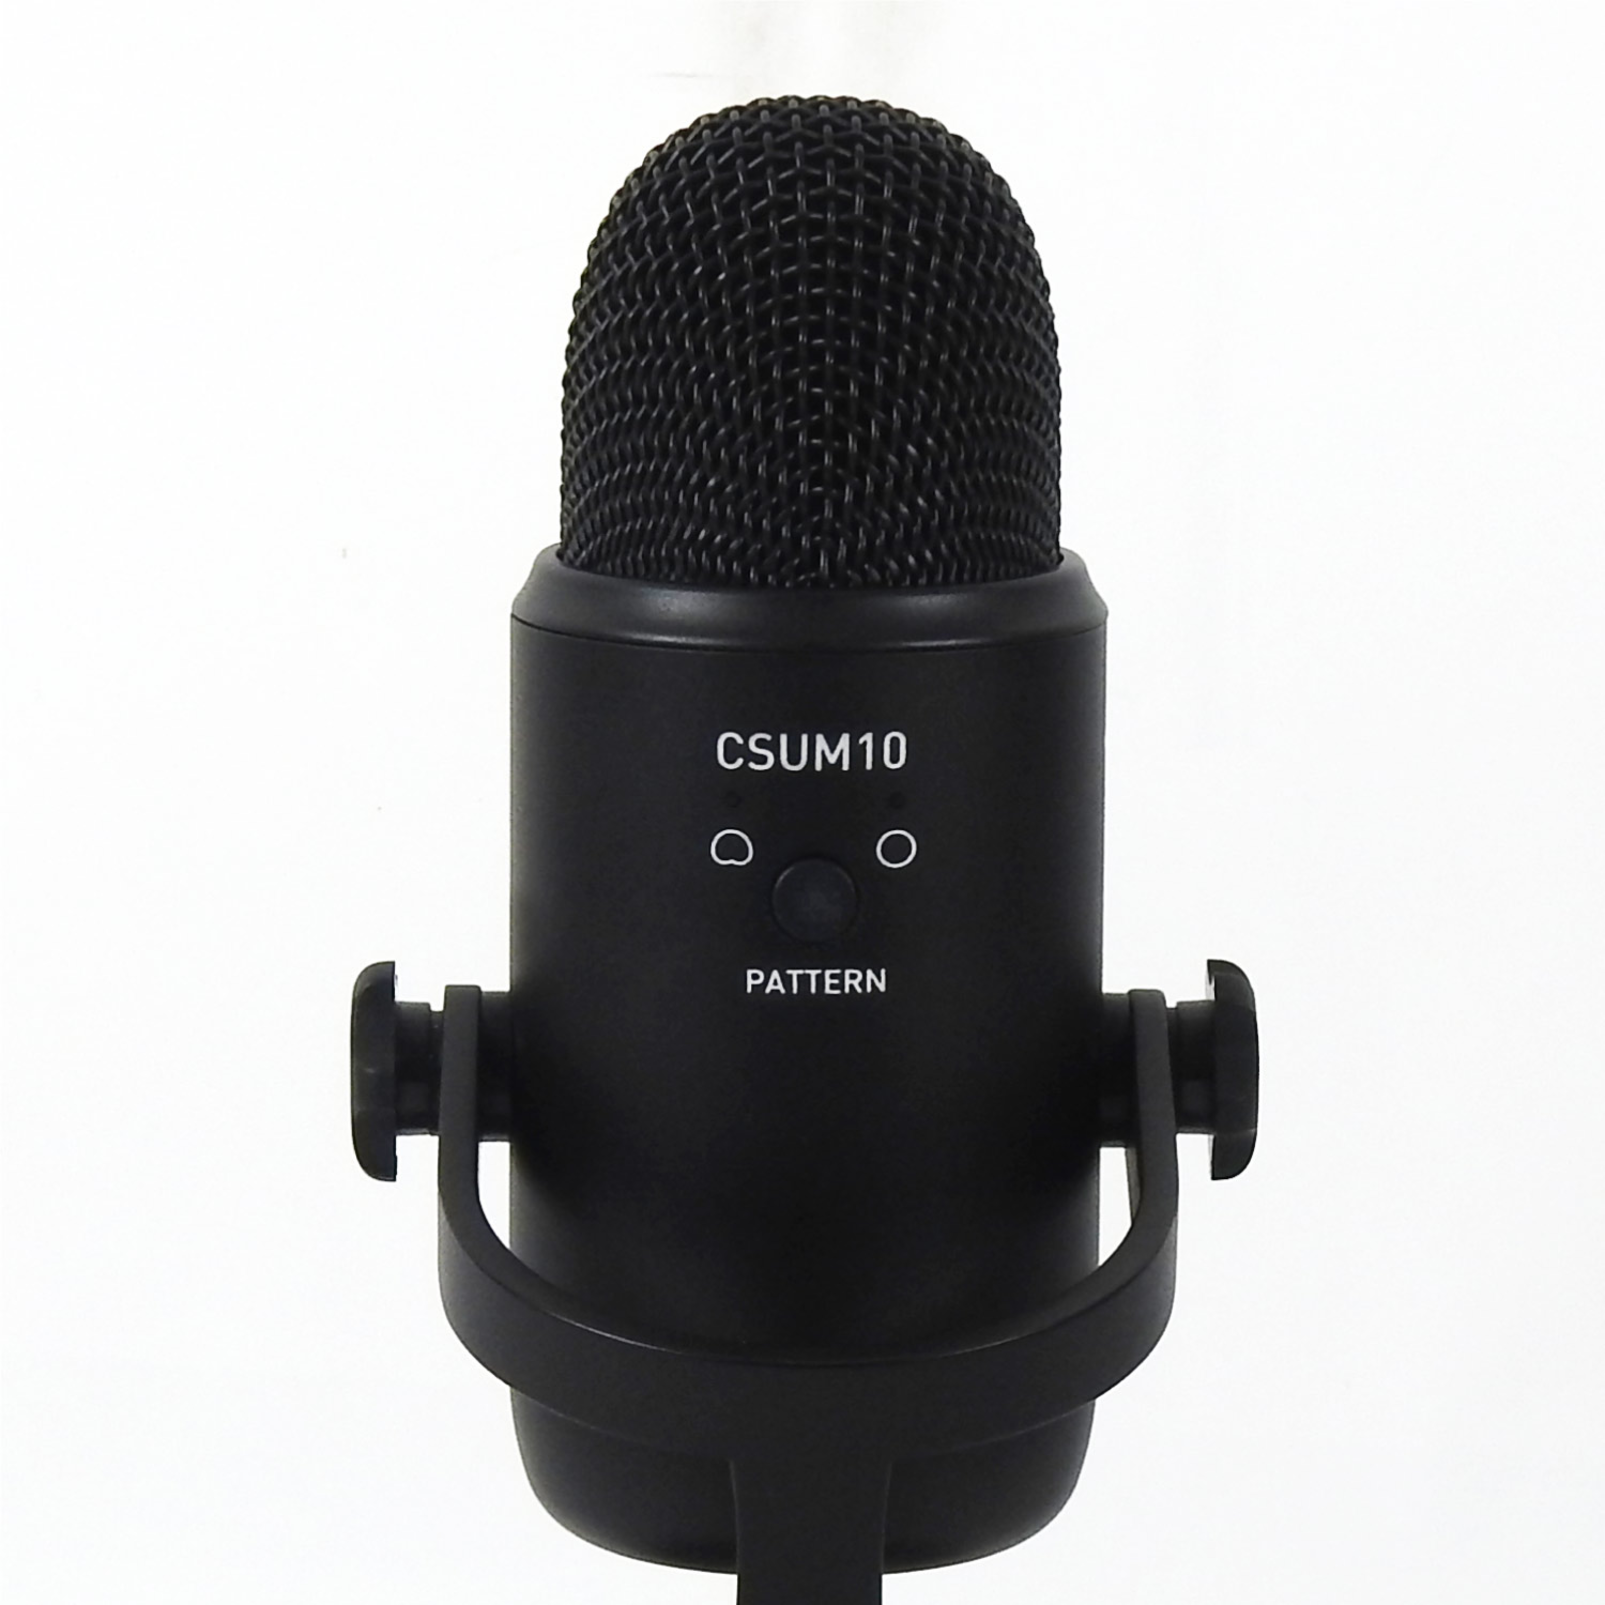 JBLCSUM10 - Black - Compact USB Microphone - Detailshot 3